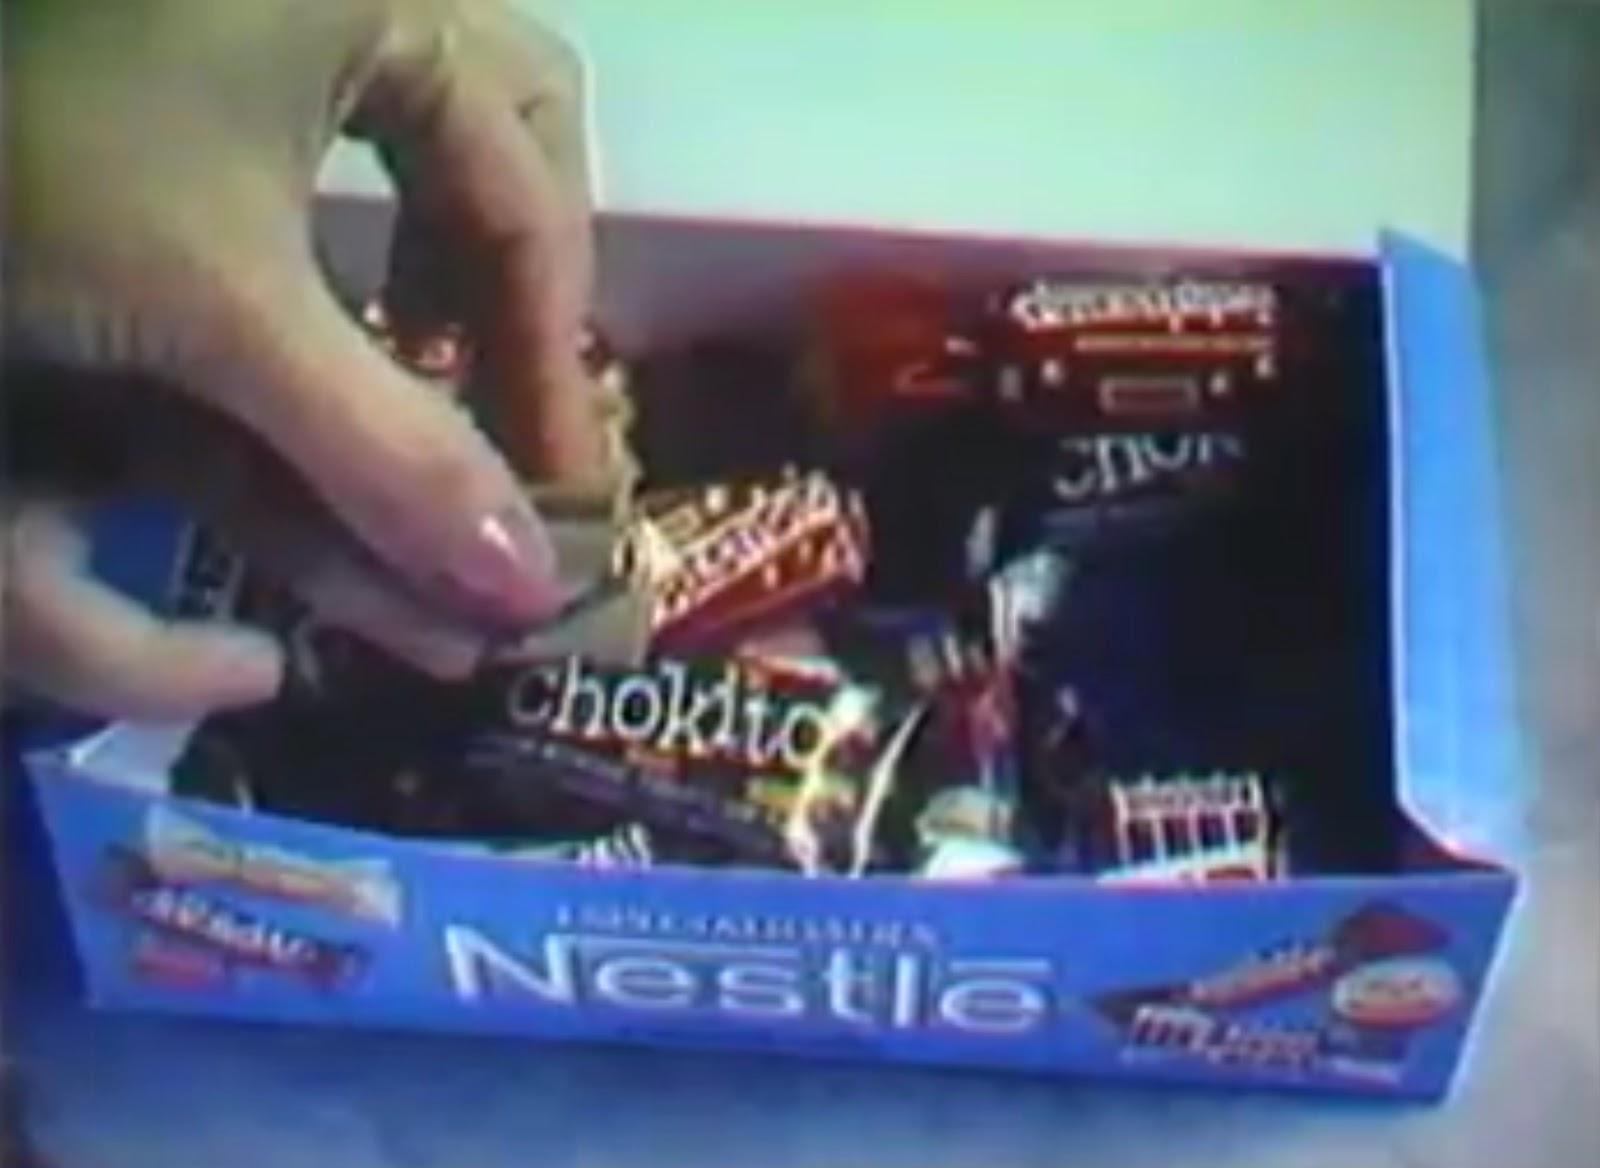 Campanha de lançamento da caixa de bombons com Especialidades da Nestlé em 1988